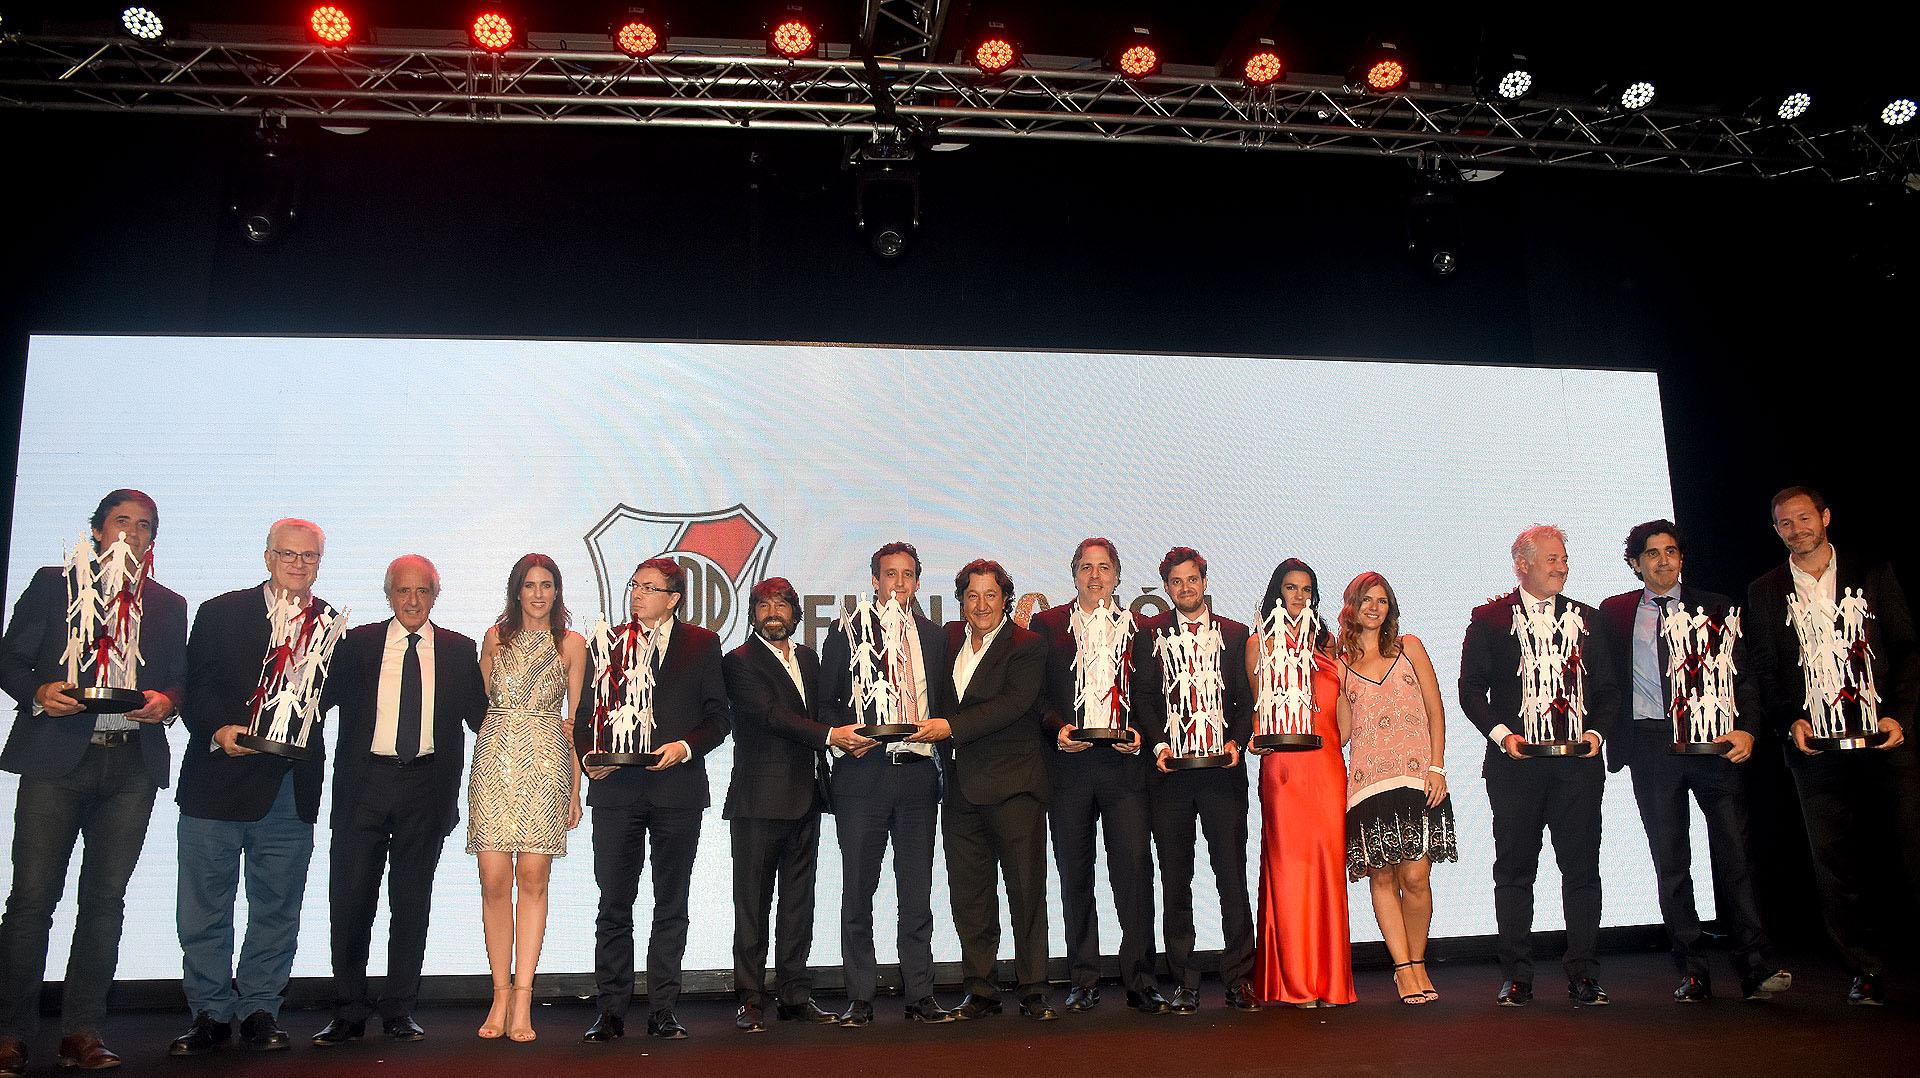 La entrega de la Copa Valores a quienes acompañaron y colaboraron con la Fundación River en sus cinco cenas anuales